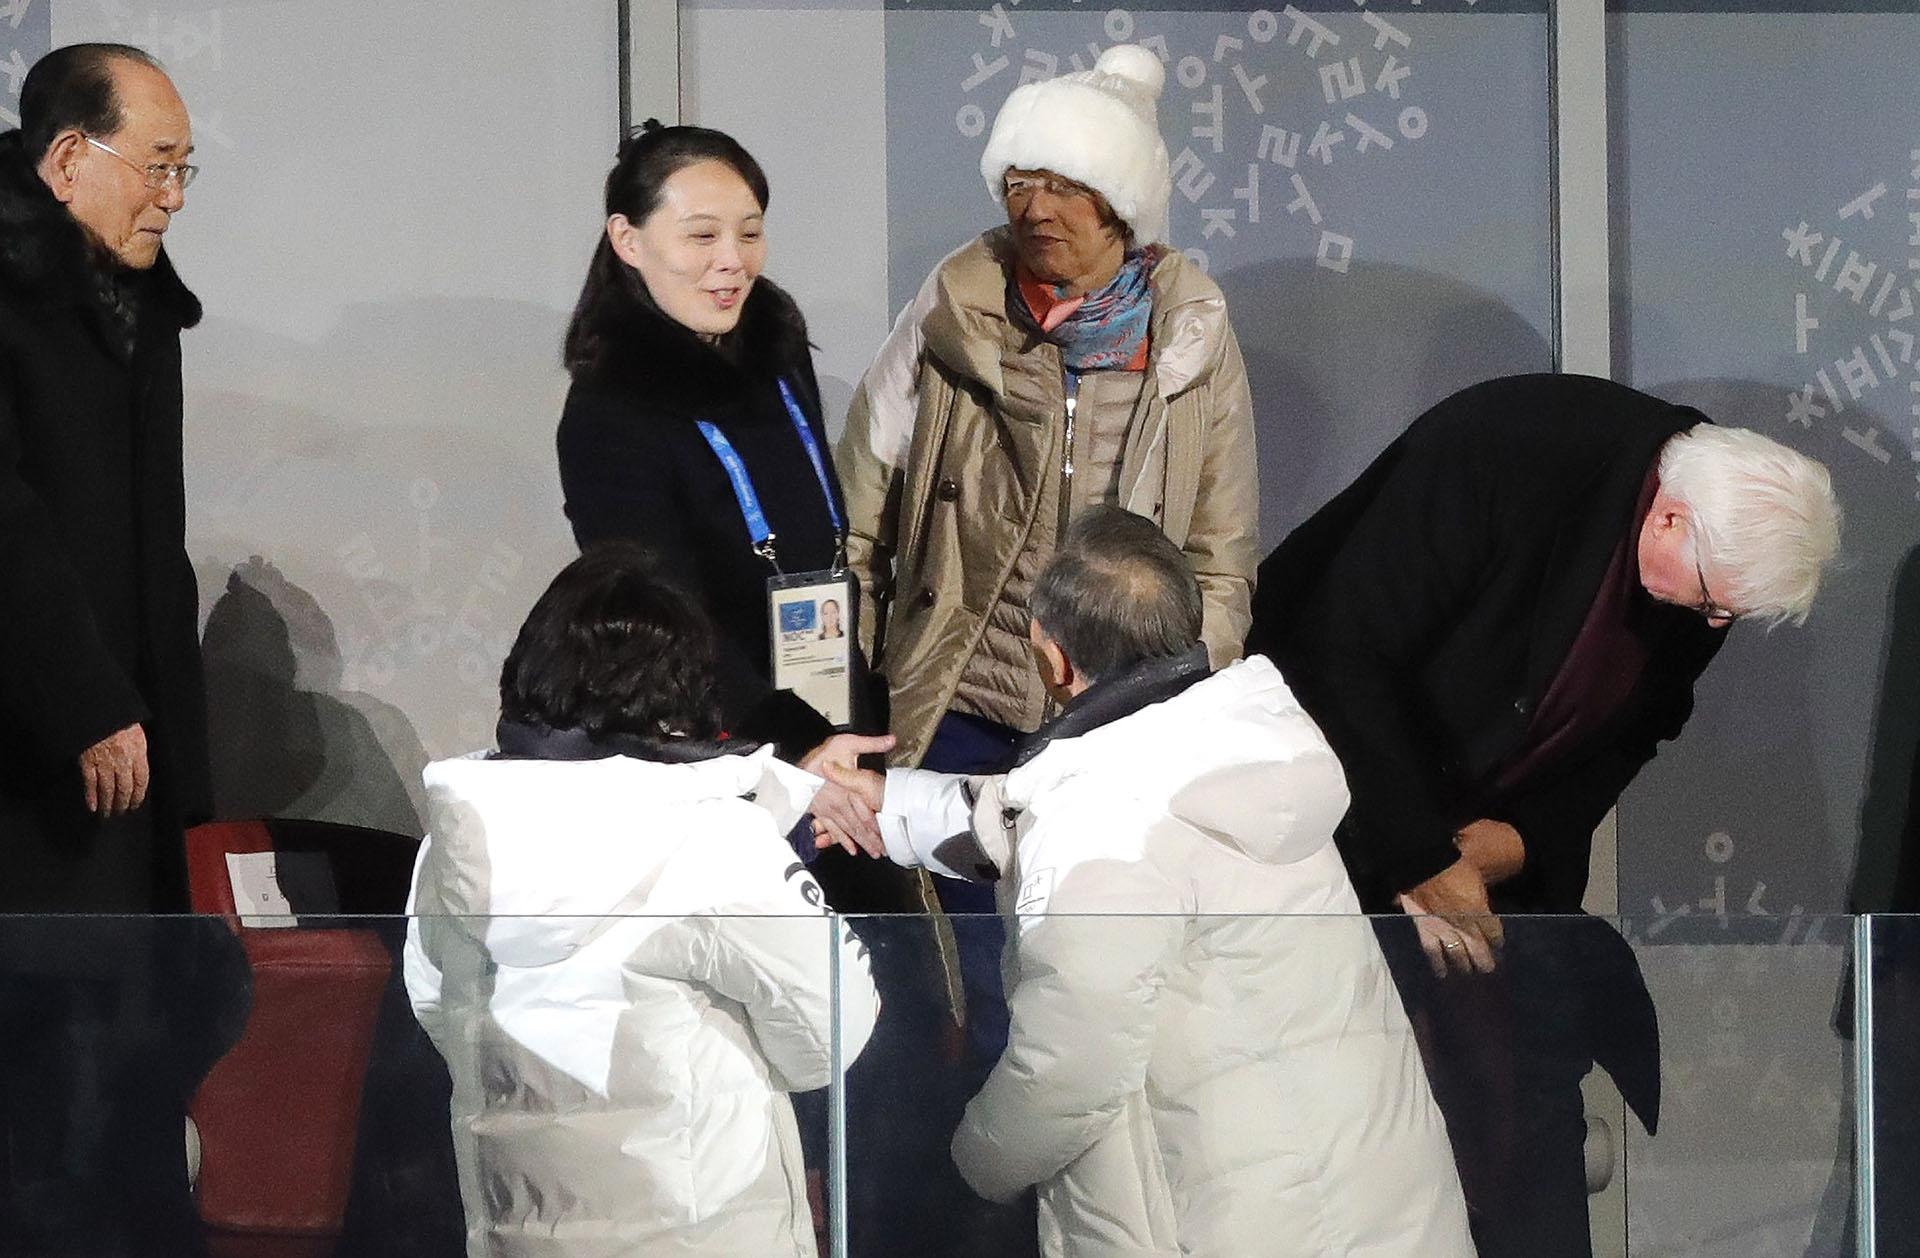 Otra toma del momento más esperado en el palco oficial. Observan a la izquierda Kim Yong-nam, jefe de Estado norcoreano, y debajo Kim Jung-sook, esposa del presidente surcoreano